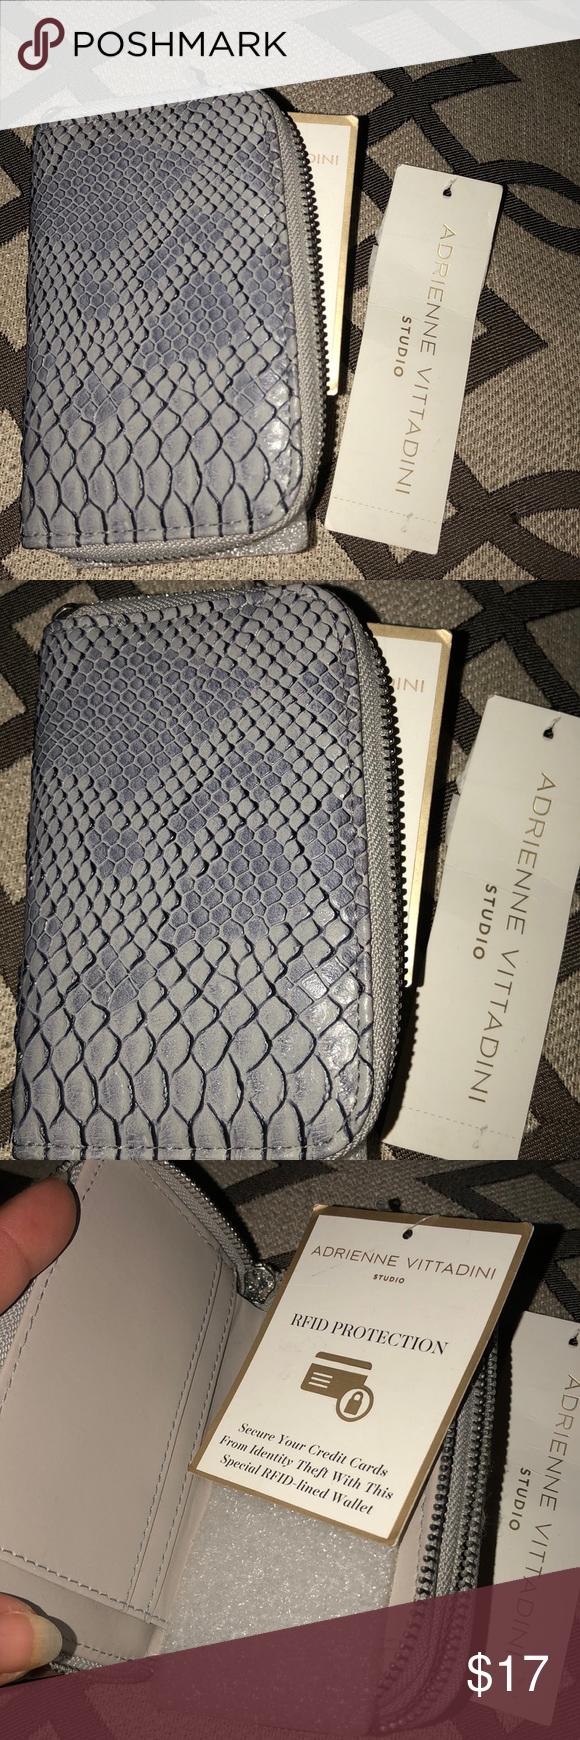 New Adrienne Vittadini Studio Wallet A small dual zip